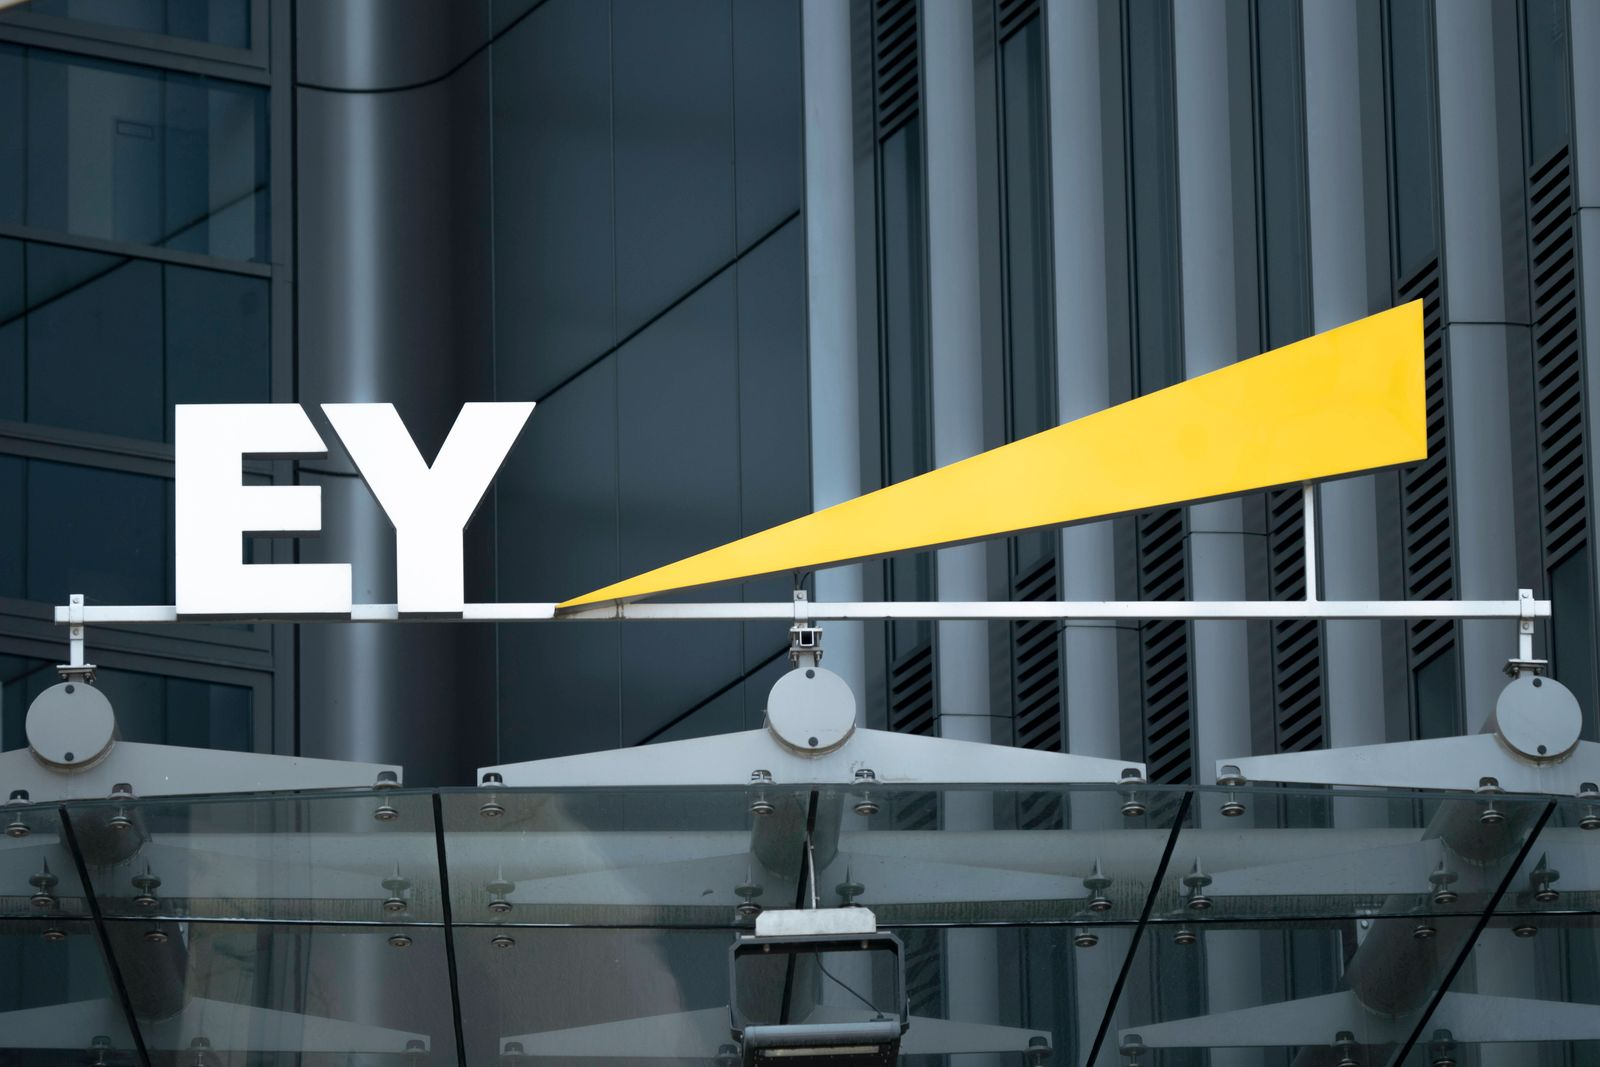 Wirtschaftsberatung EY, Ernst and Young Aktuell,Symbolfoto, Symbolbild von EY. Die Wirtschaftspruefungsgesellschaft und